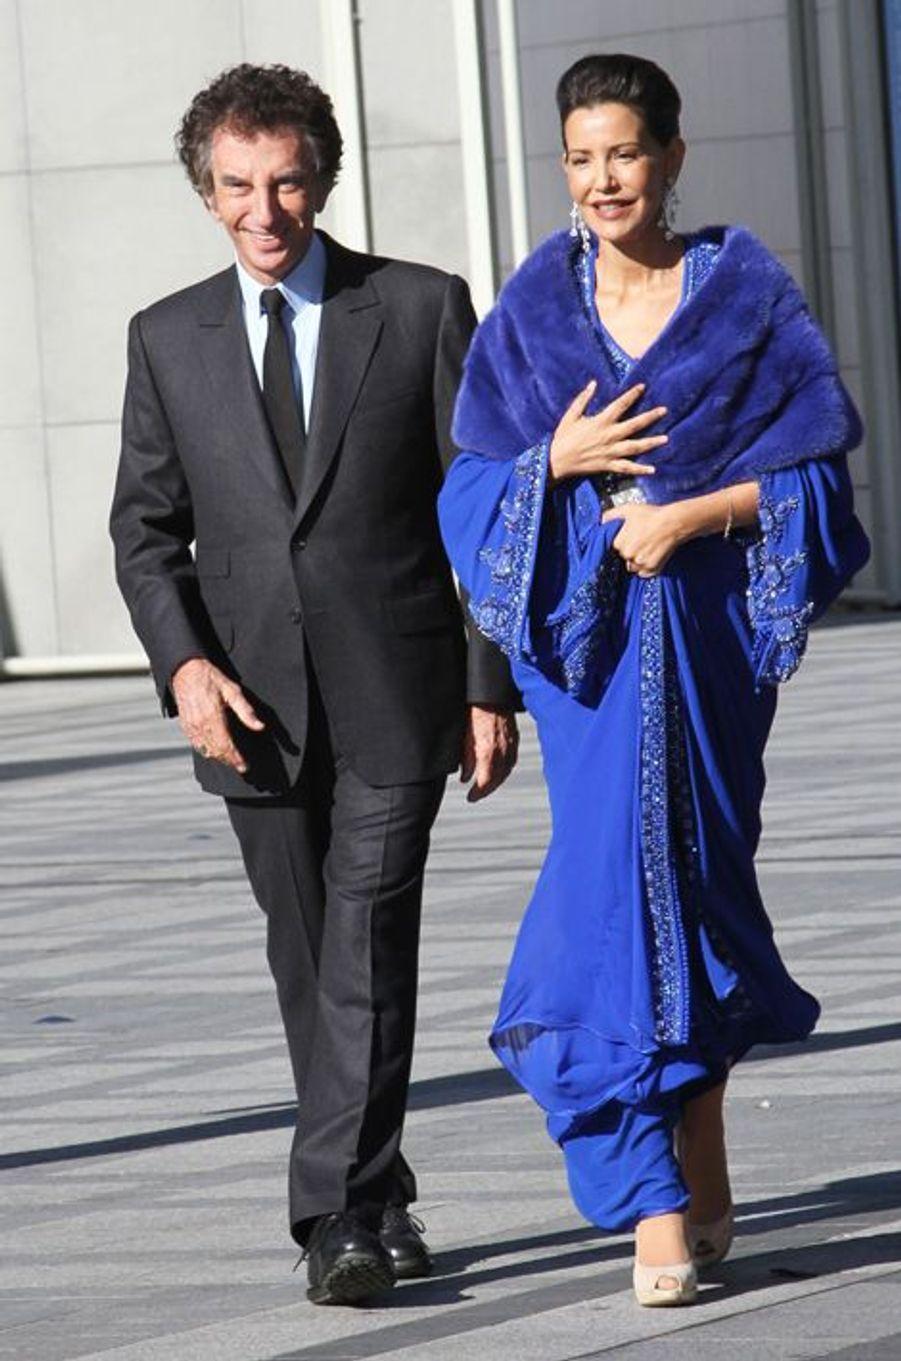 La princesse du Maroc Lalla Meryem, avec Jack Lang, arrive à l'Institut du monde arabe à Paris, le 14 octobre 2014